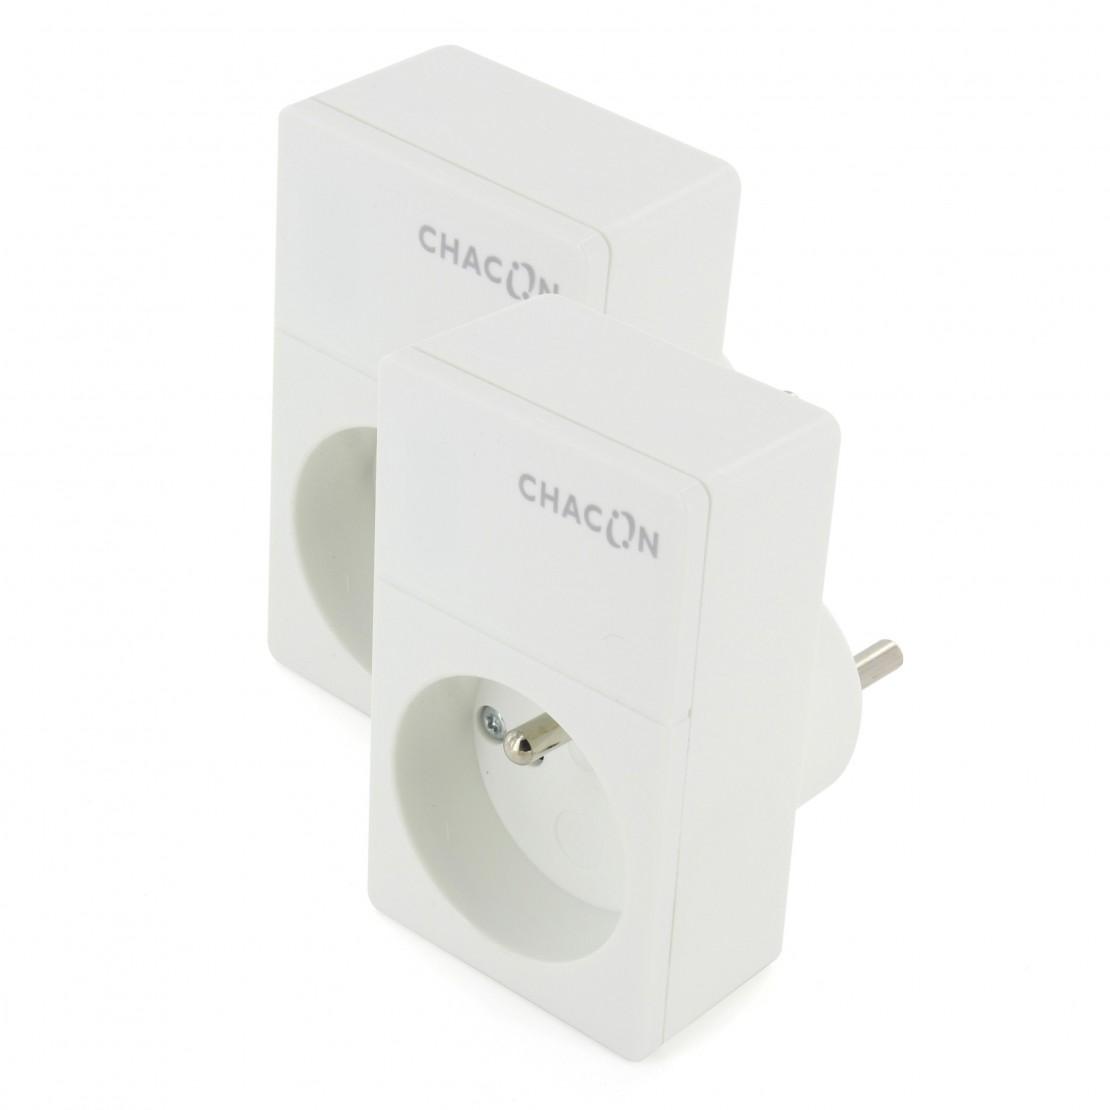 Kit Duo Prises Wi-Fi CHACON2 Prises Wifi Chacon